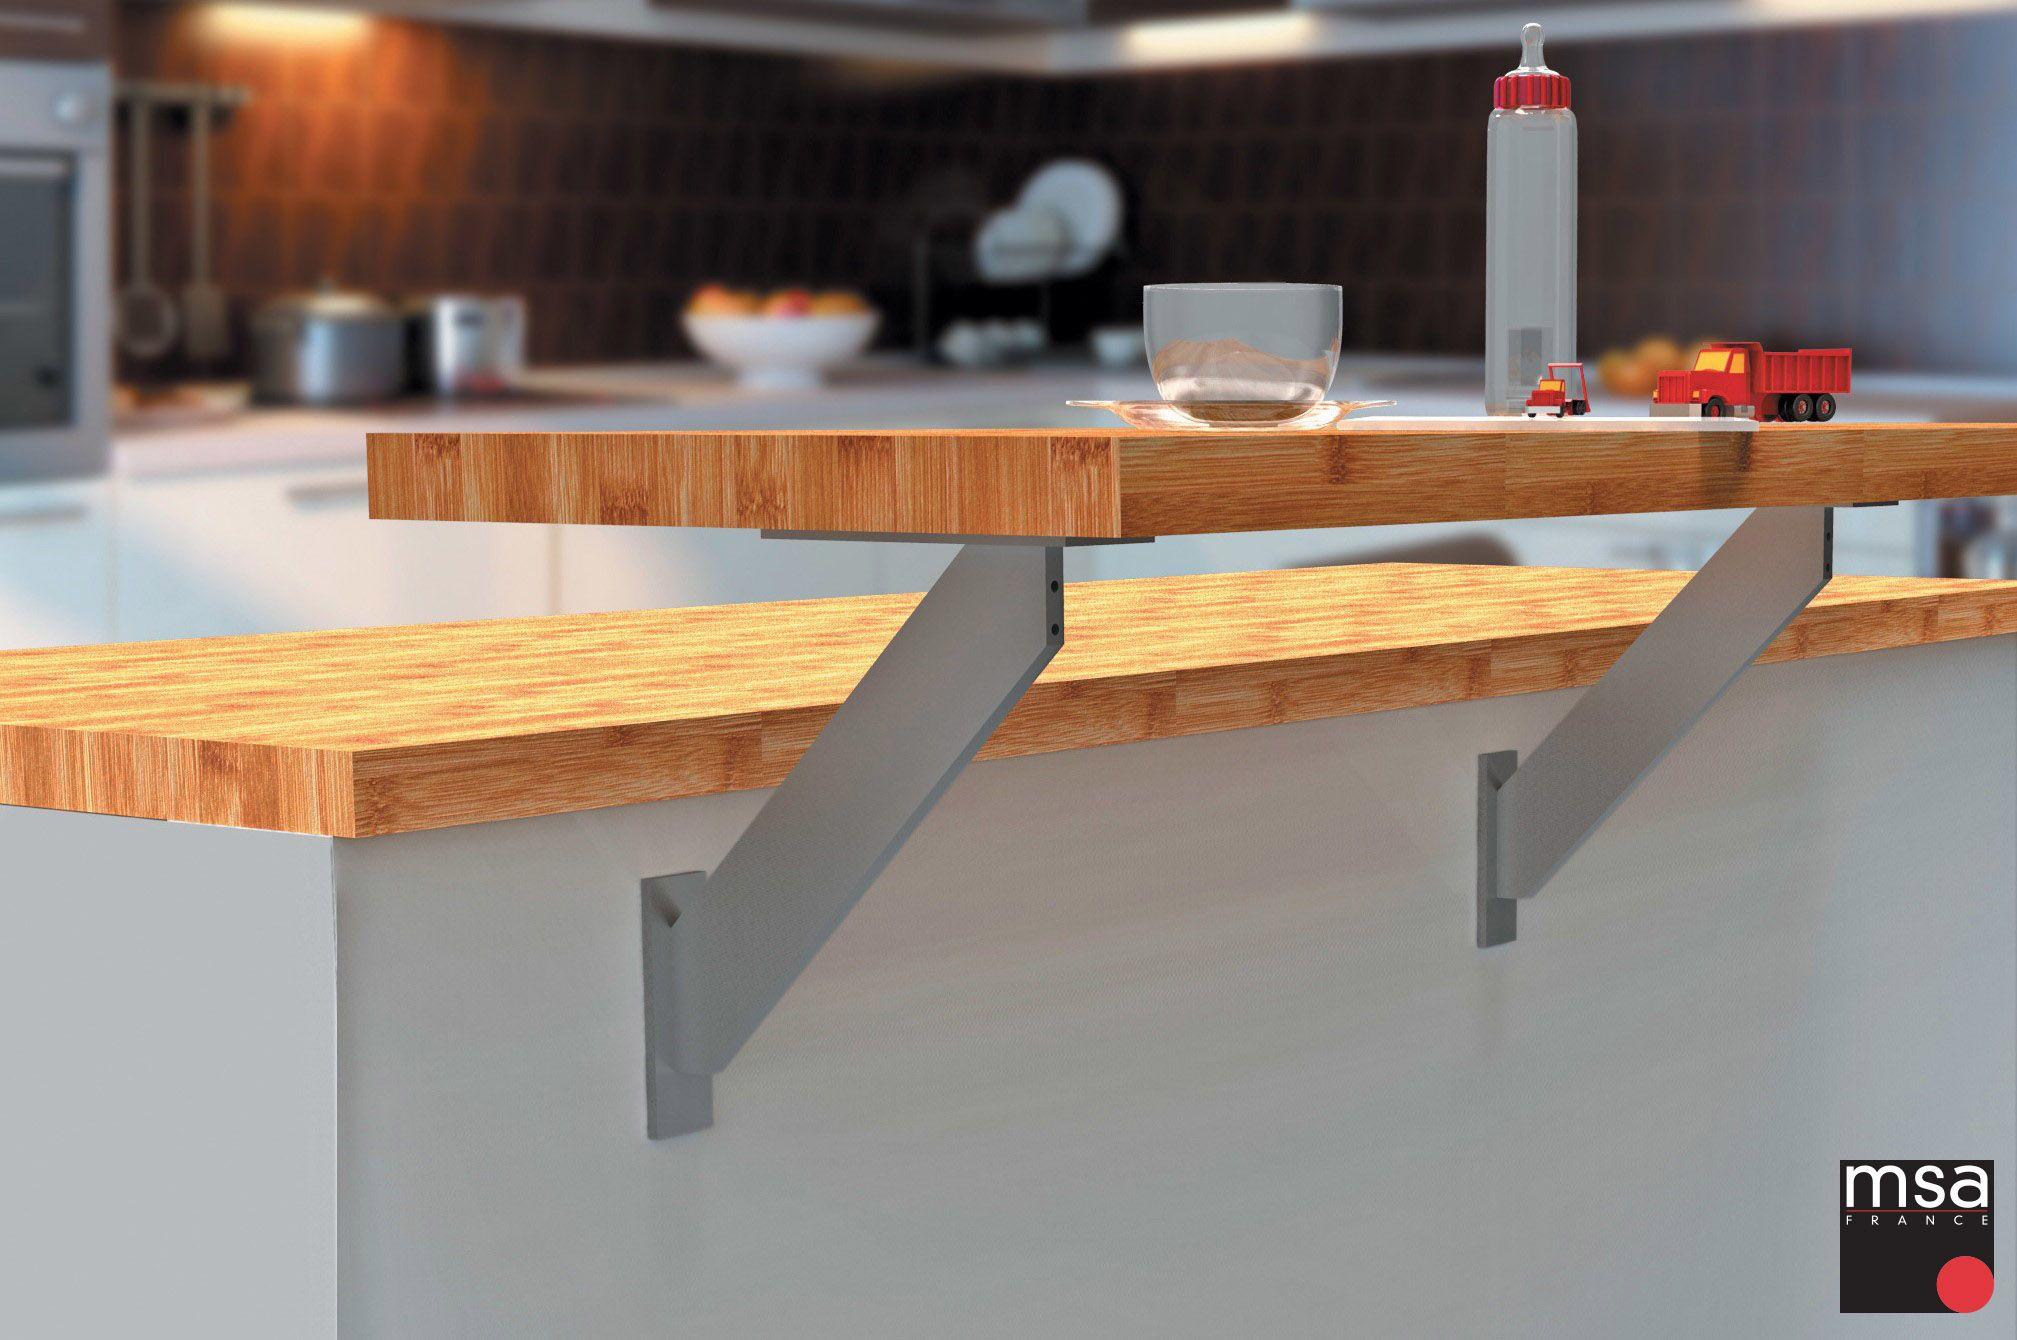 Console Snack Avec Deux Possibilites De Fixation La Premiere Sur Le Plan De Travail Et La Deuxieme Position Est S Cuisine Blanc Laque Cuisine Blanche Console